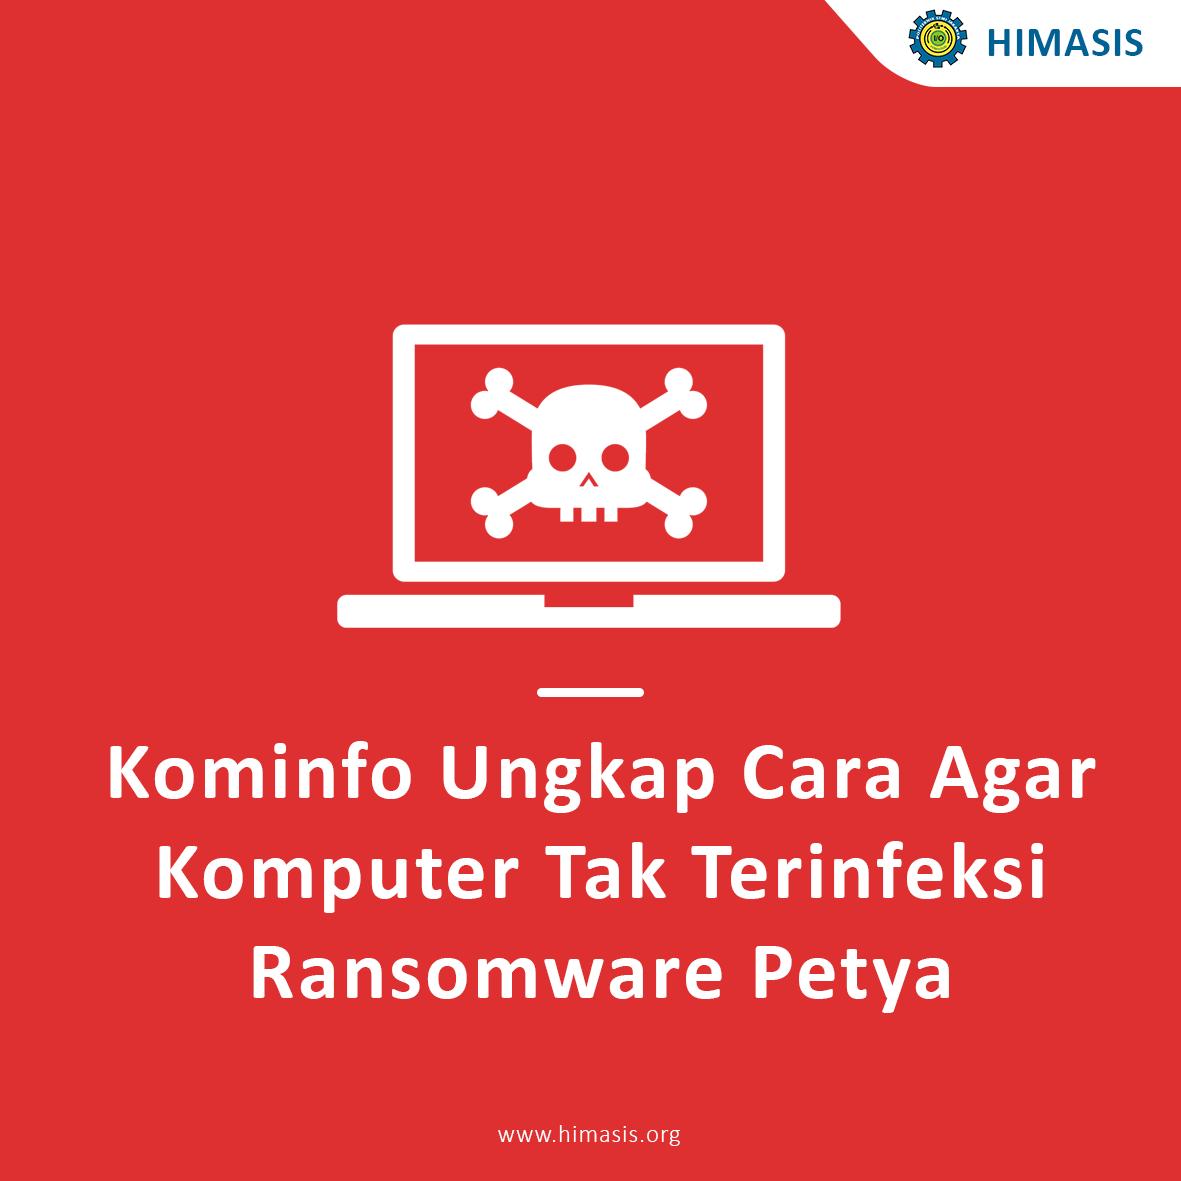 Kominfo Ungkap Cara Agar Komputer Tak Terinfeksi Ransomware Petya